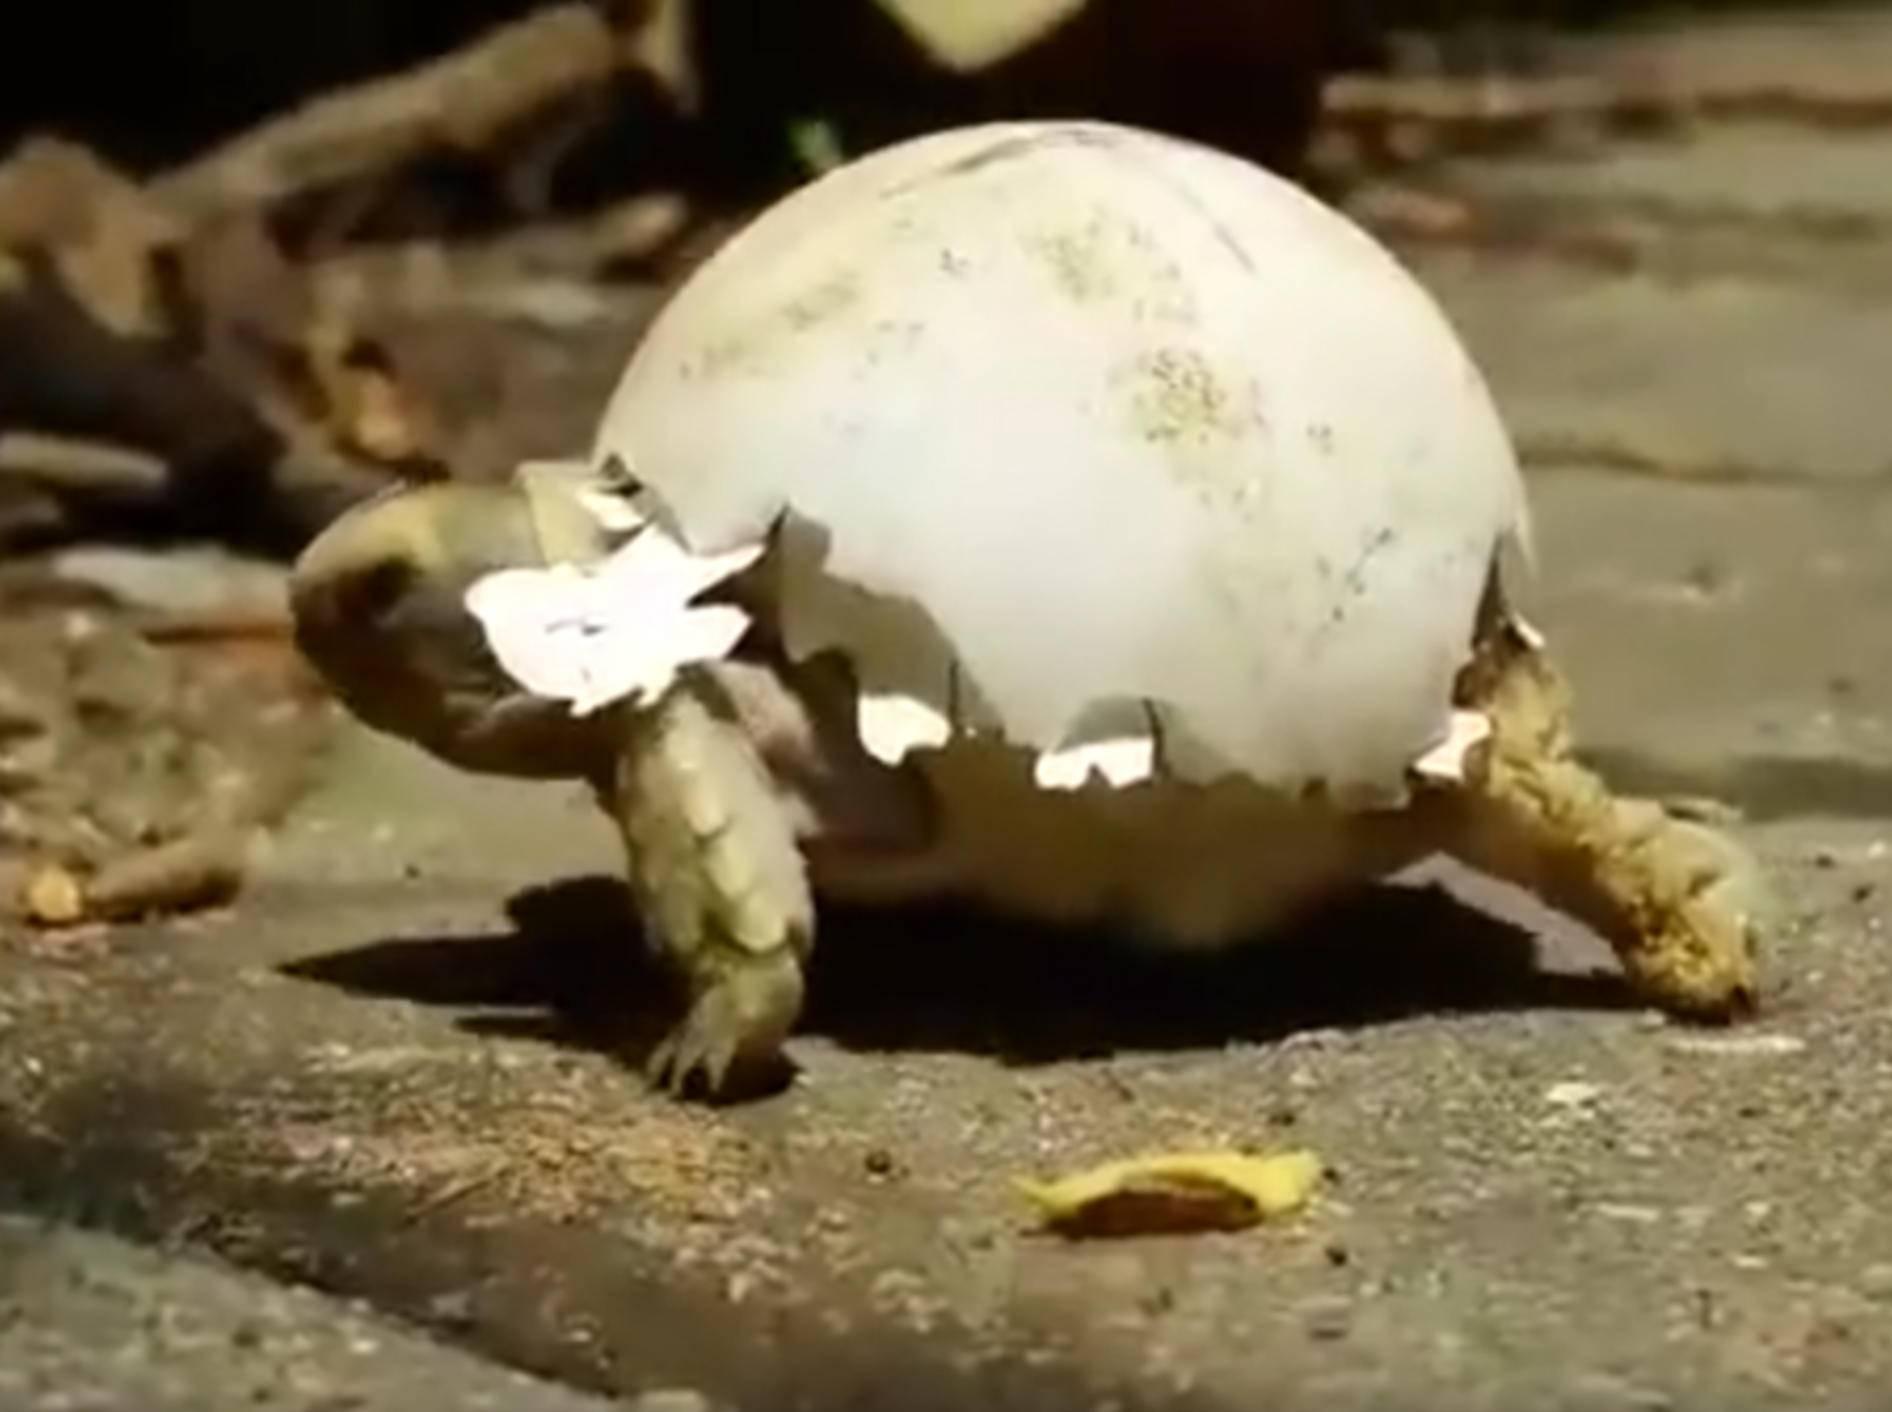 Baby-Schildkröte trägt ihre Eierschale auf dem Rücken spazieren – Youtube / Schildkrötenwelt